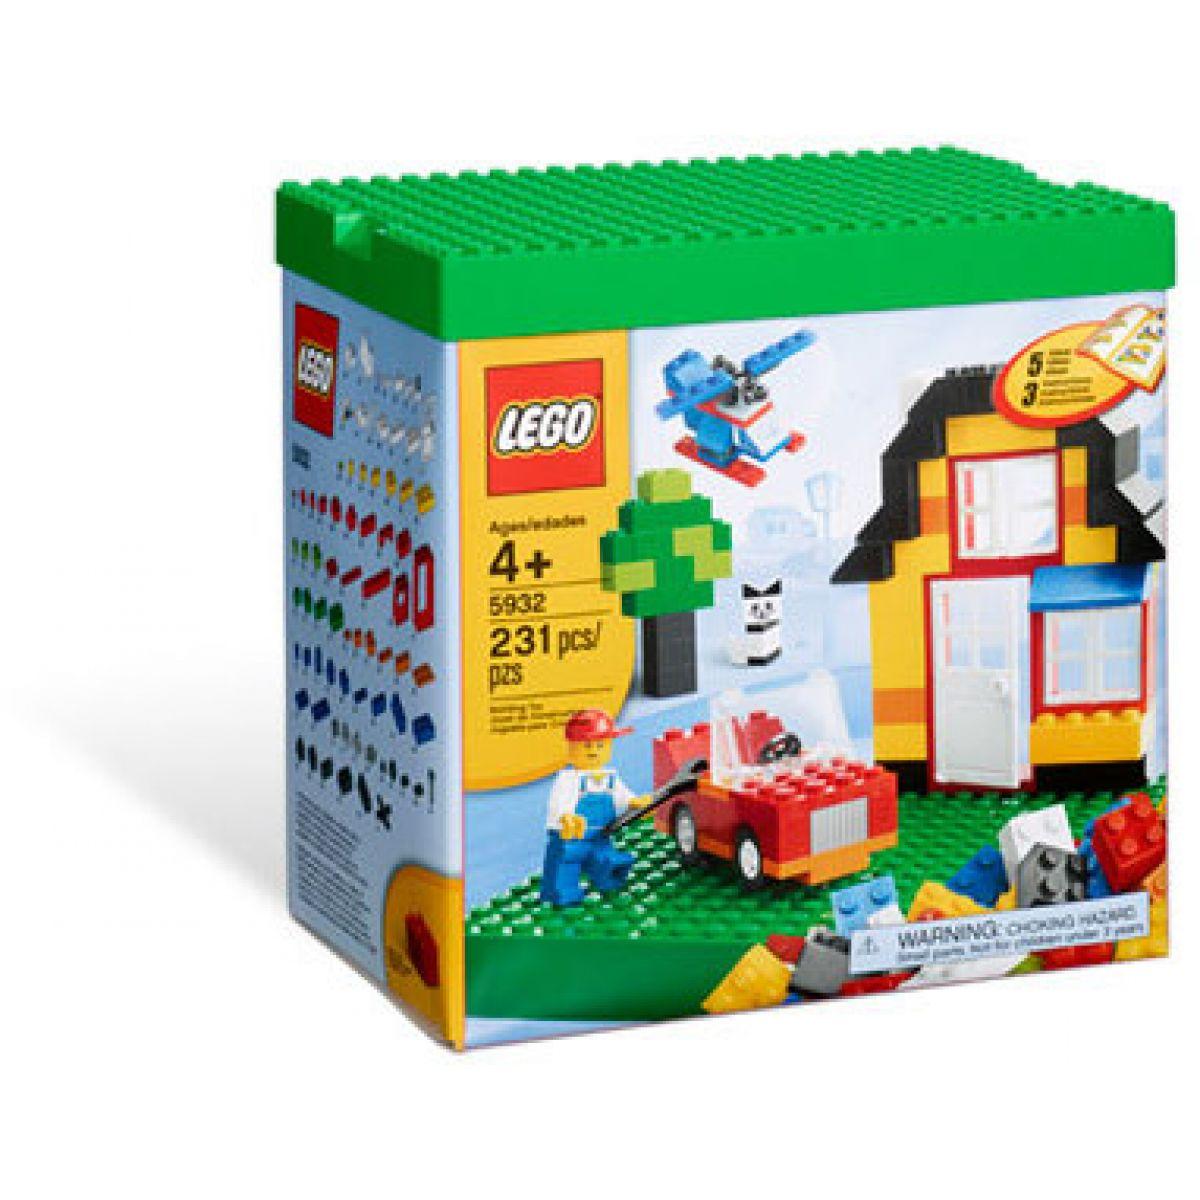 LEGO System 5932 Moje první sada